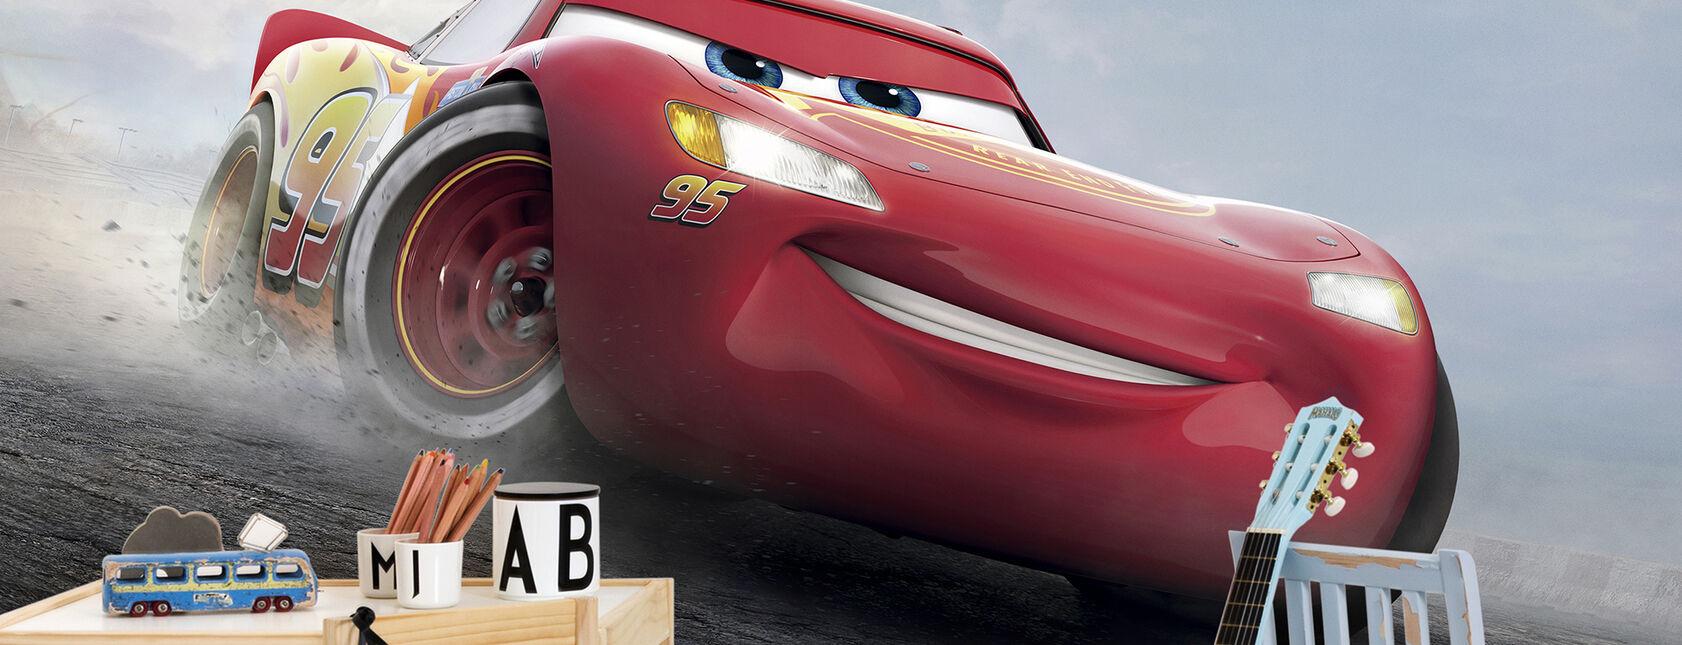 Racerbiler